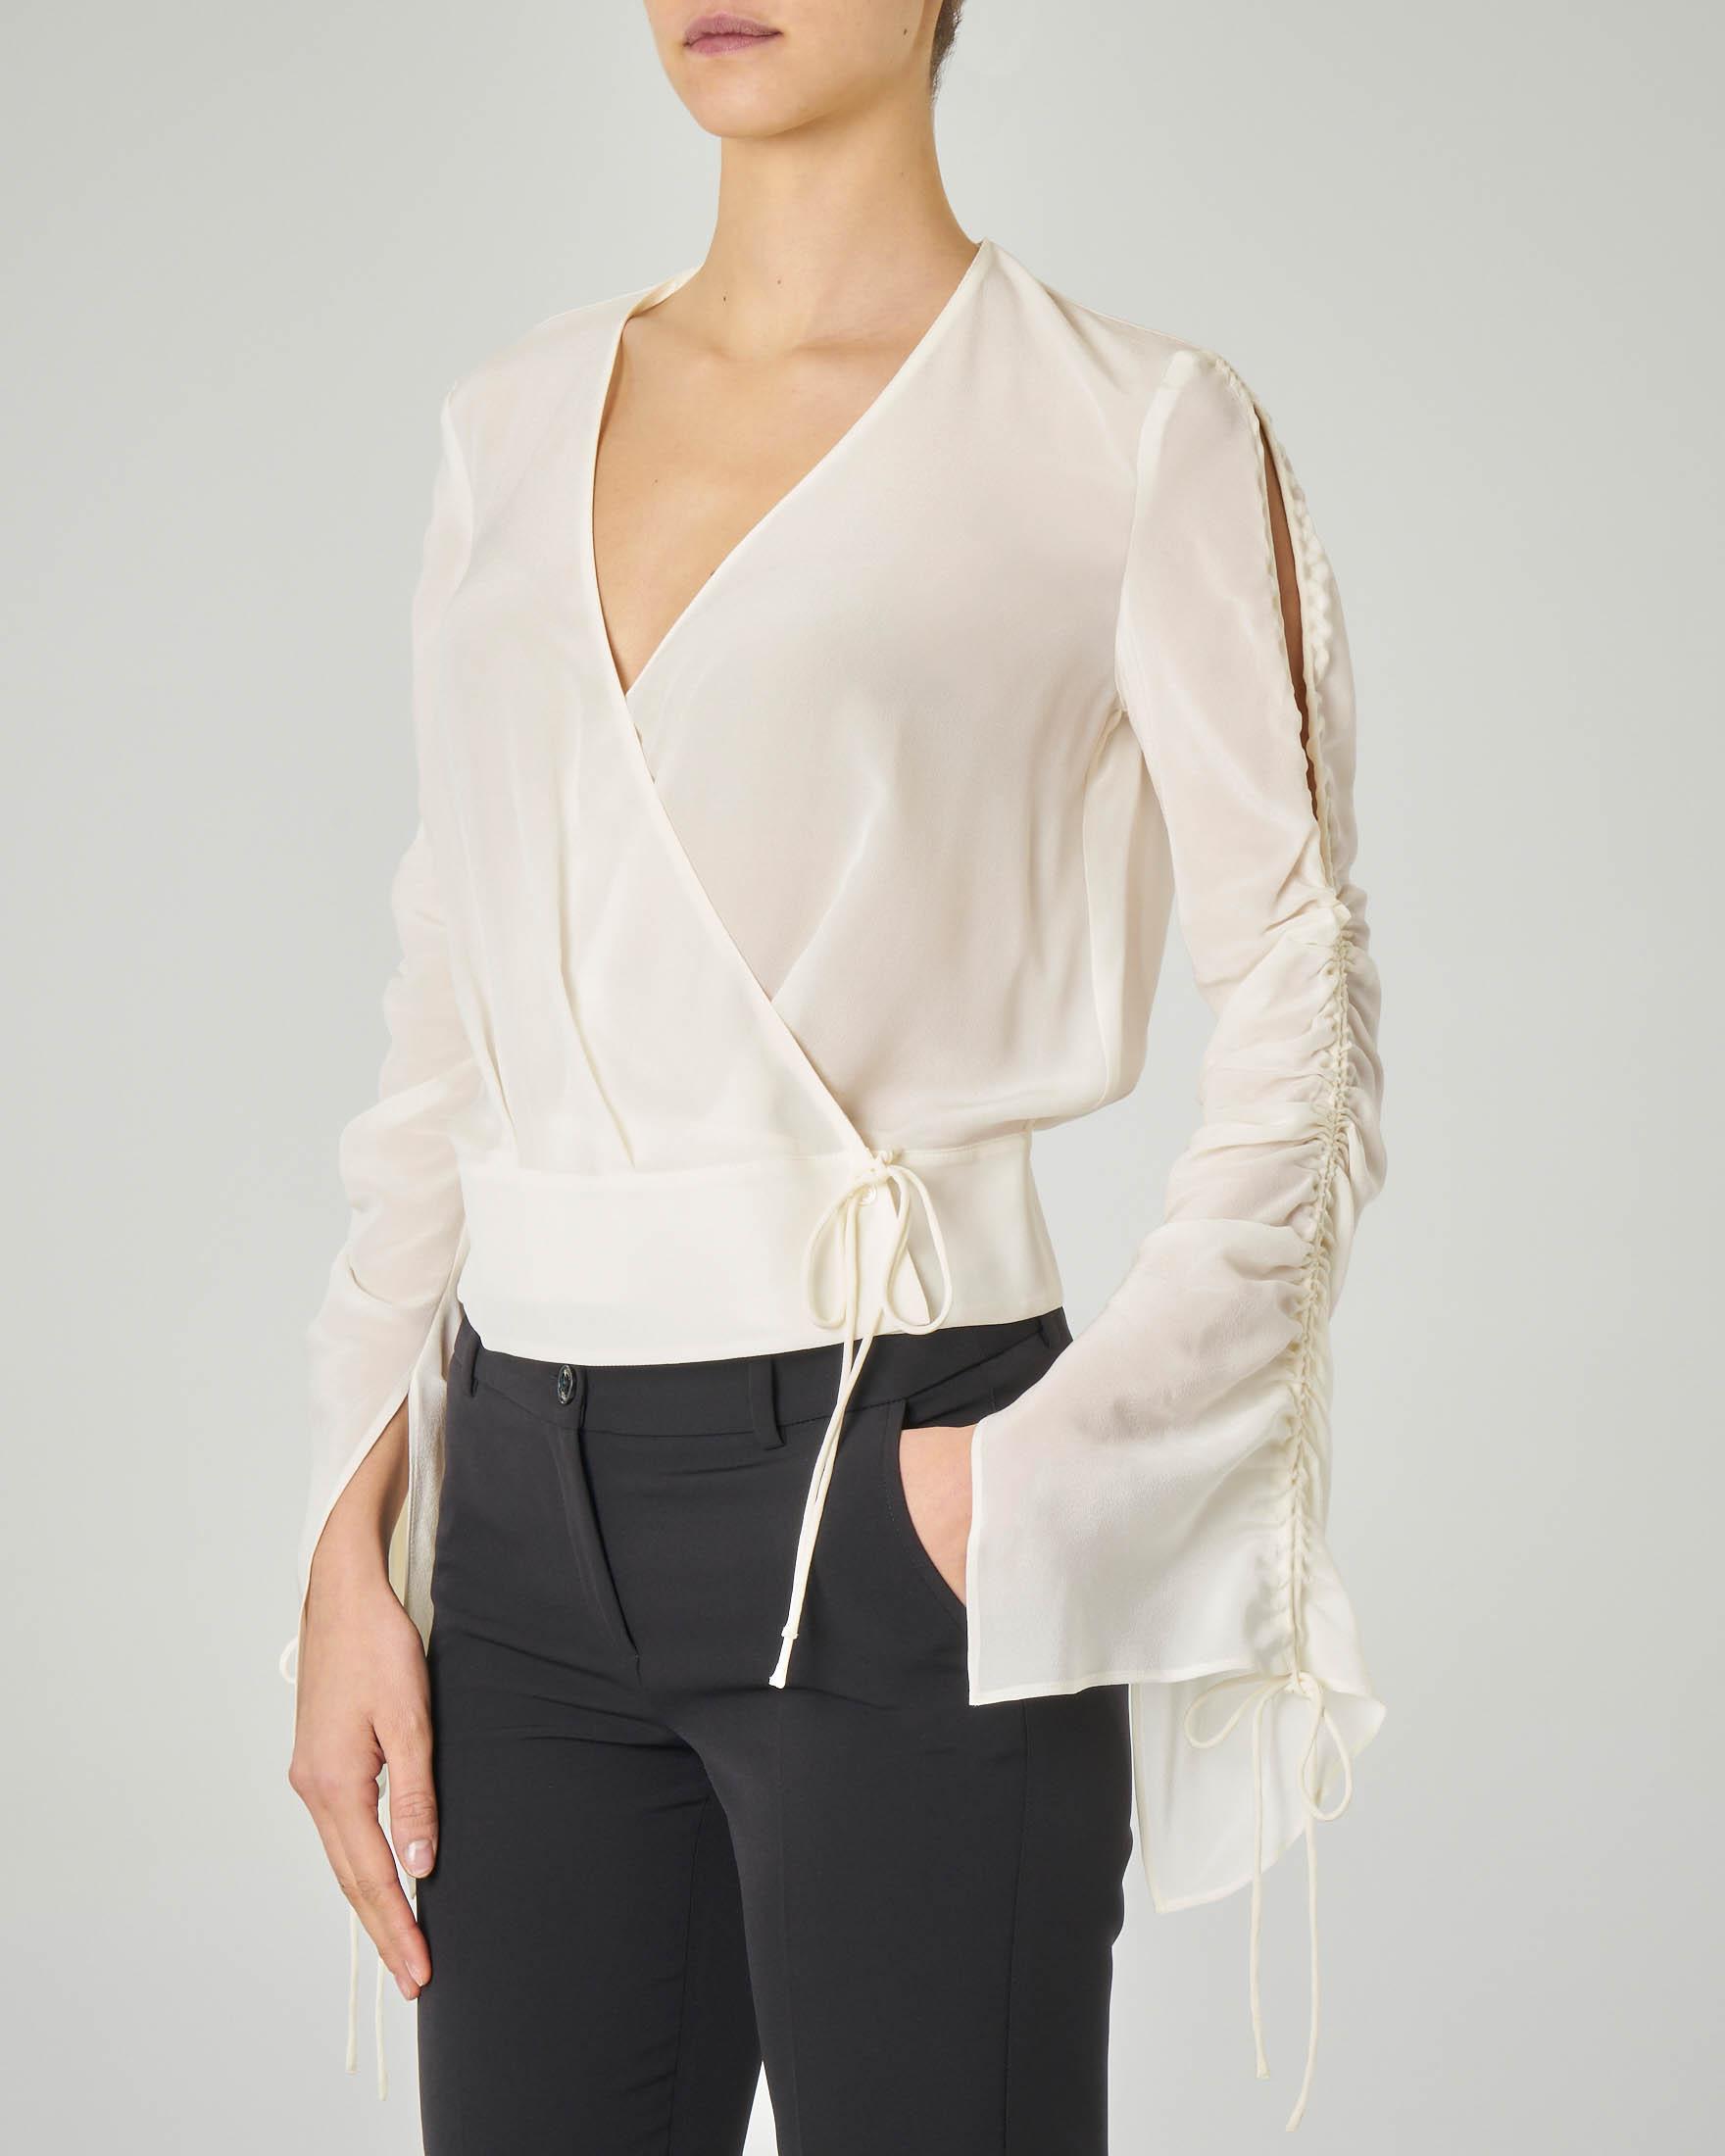 Blusa bianca in seta con scollo a V e maniche lunghe